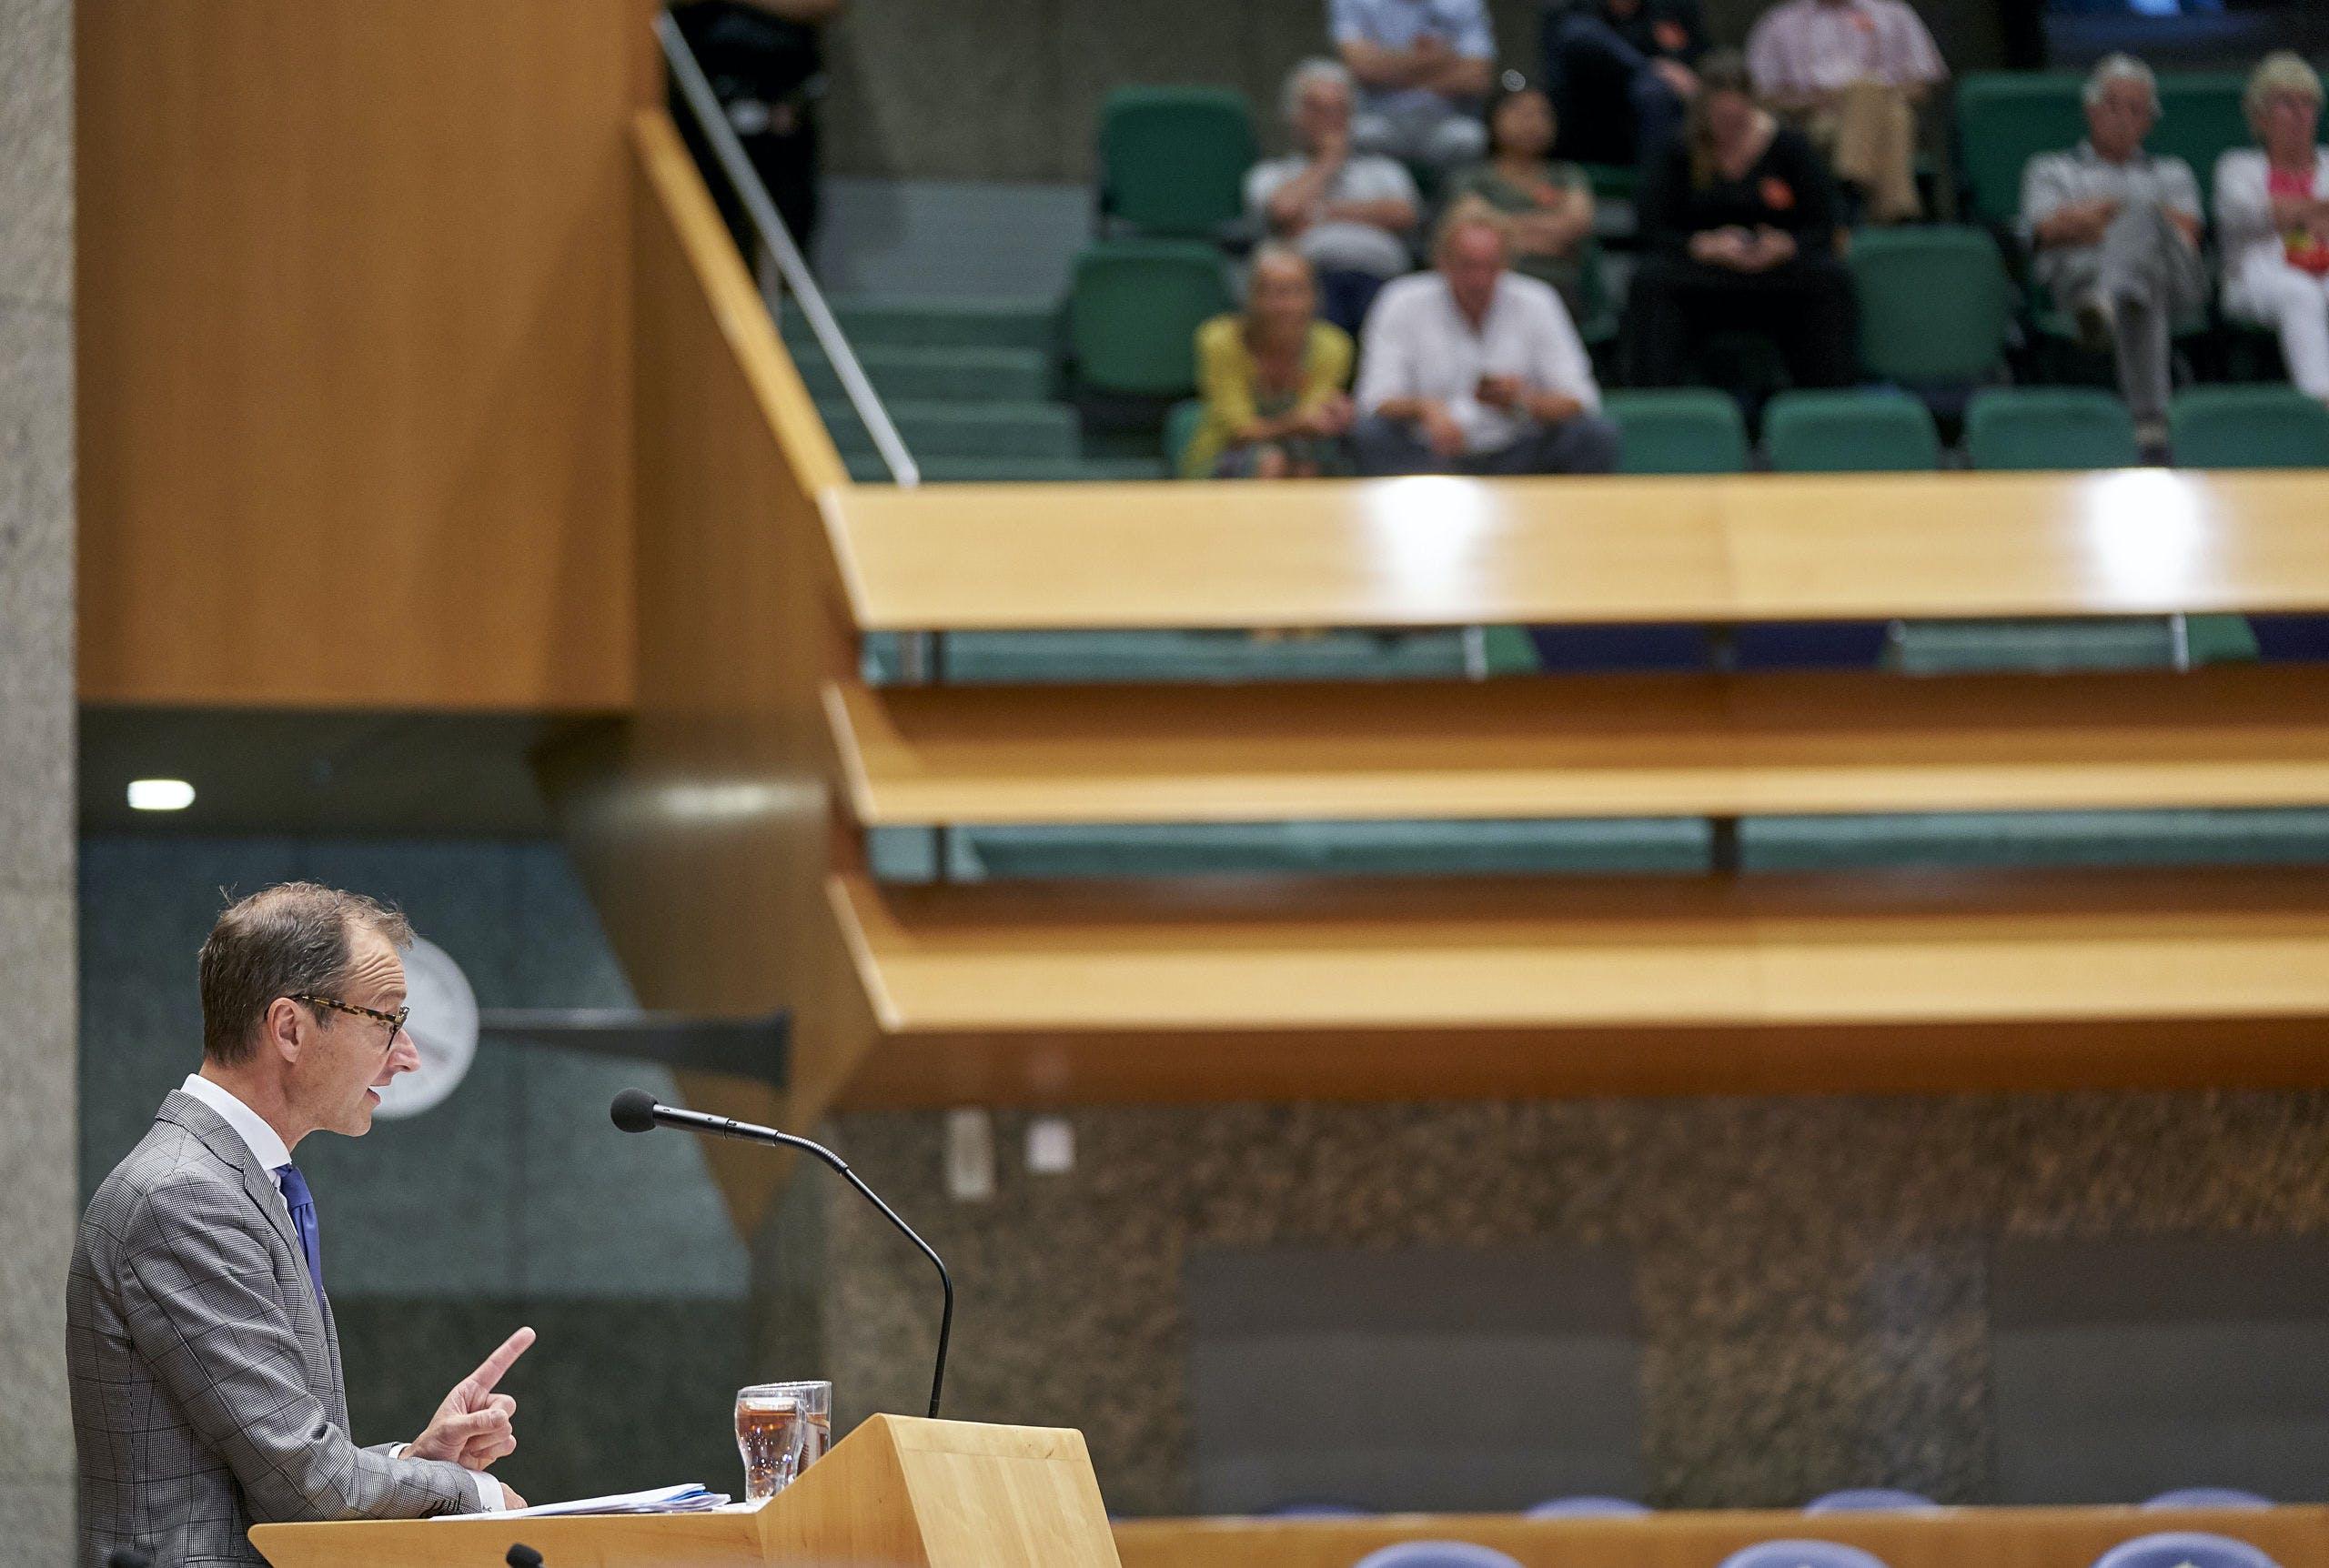 Minister Eric Wiebes van Economische Zaken en Klimaat tijdens het debat in de Tweede Kamer over de gaswinning in Groningen.